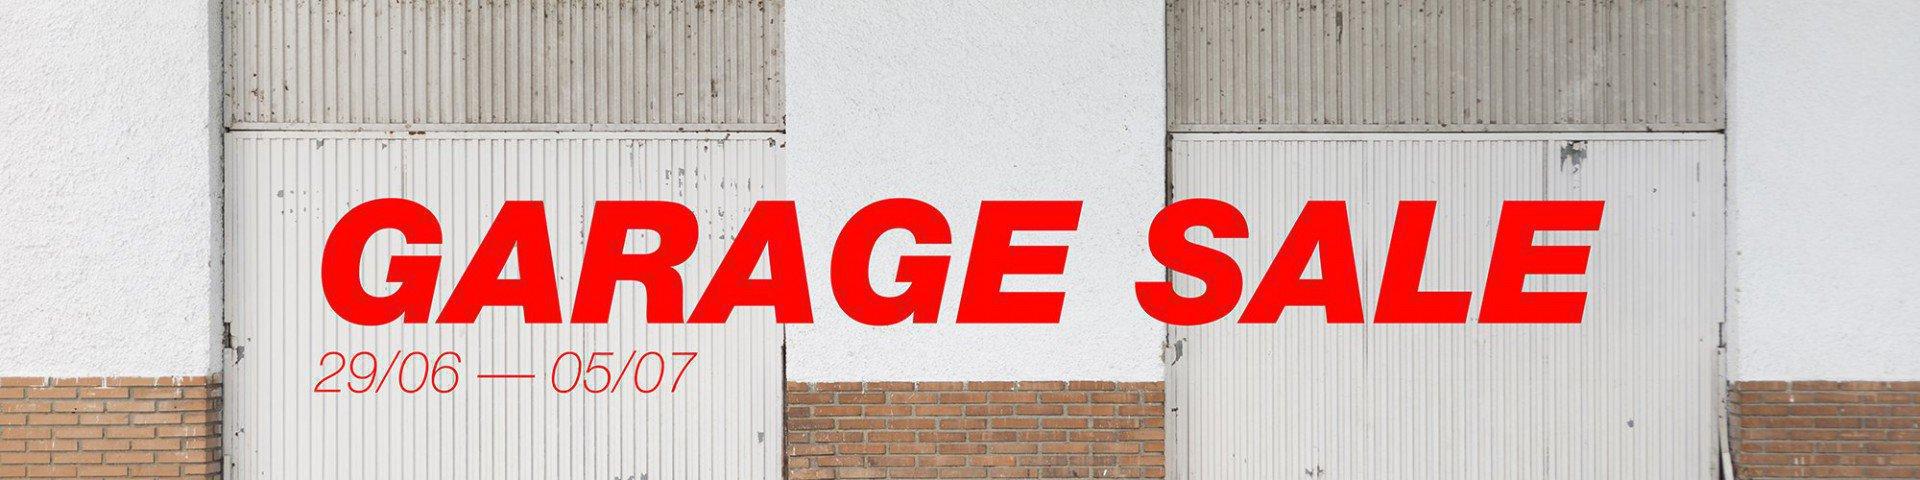 Garage Sale 29.06 - 05.07